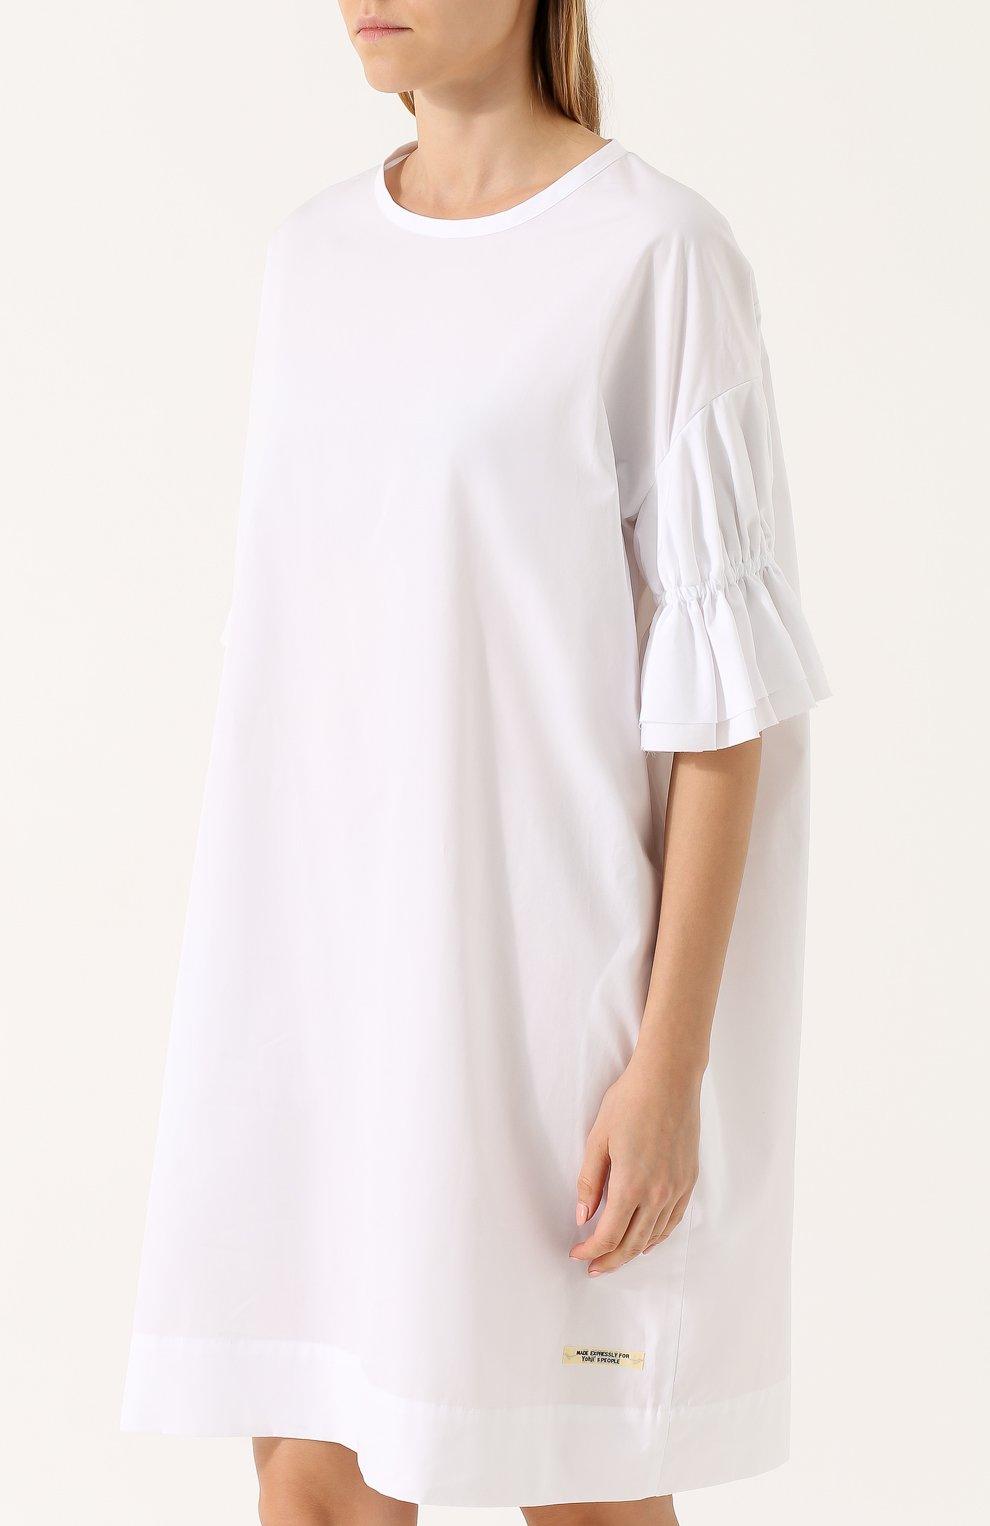 1ee3d62d48c Хлопковое платье свободного коя с укороченным рукавом Yohji Yamamoto белое